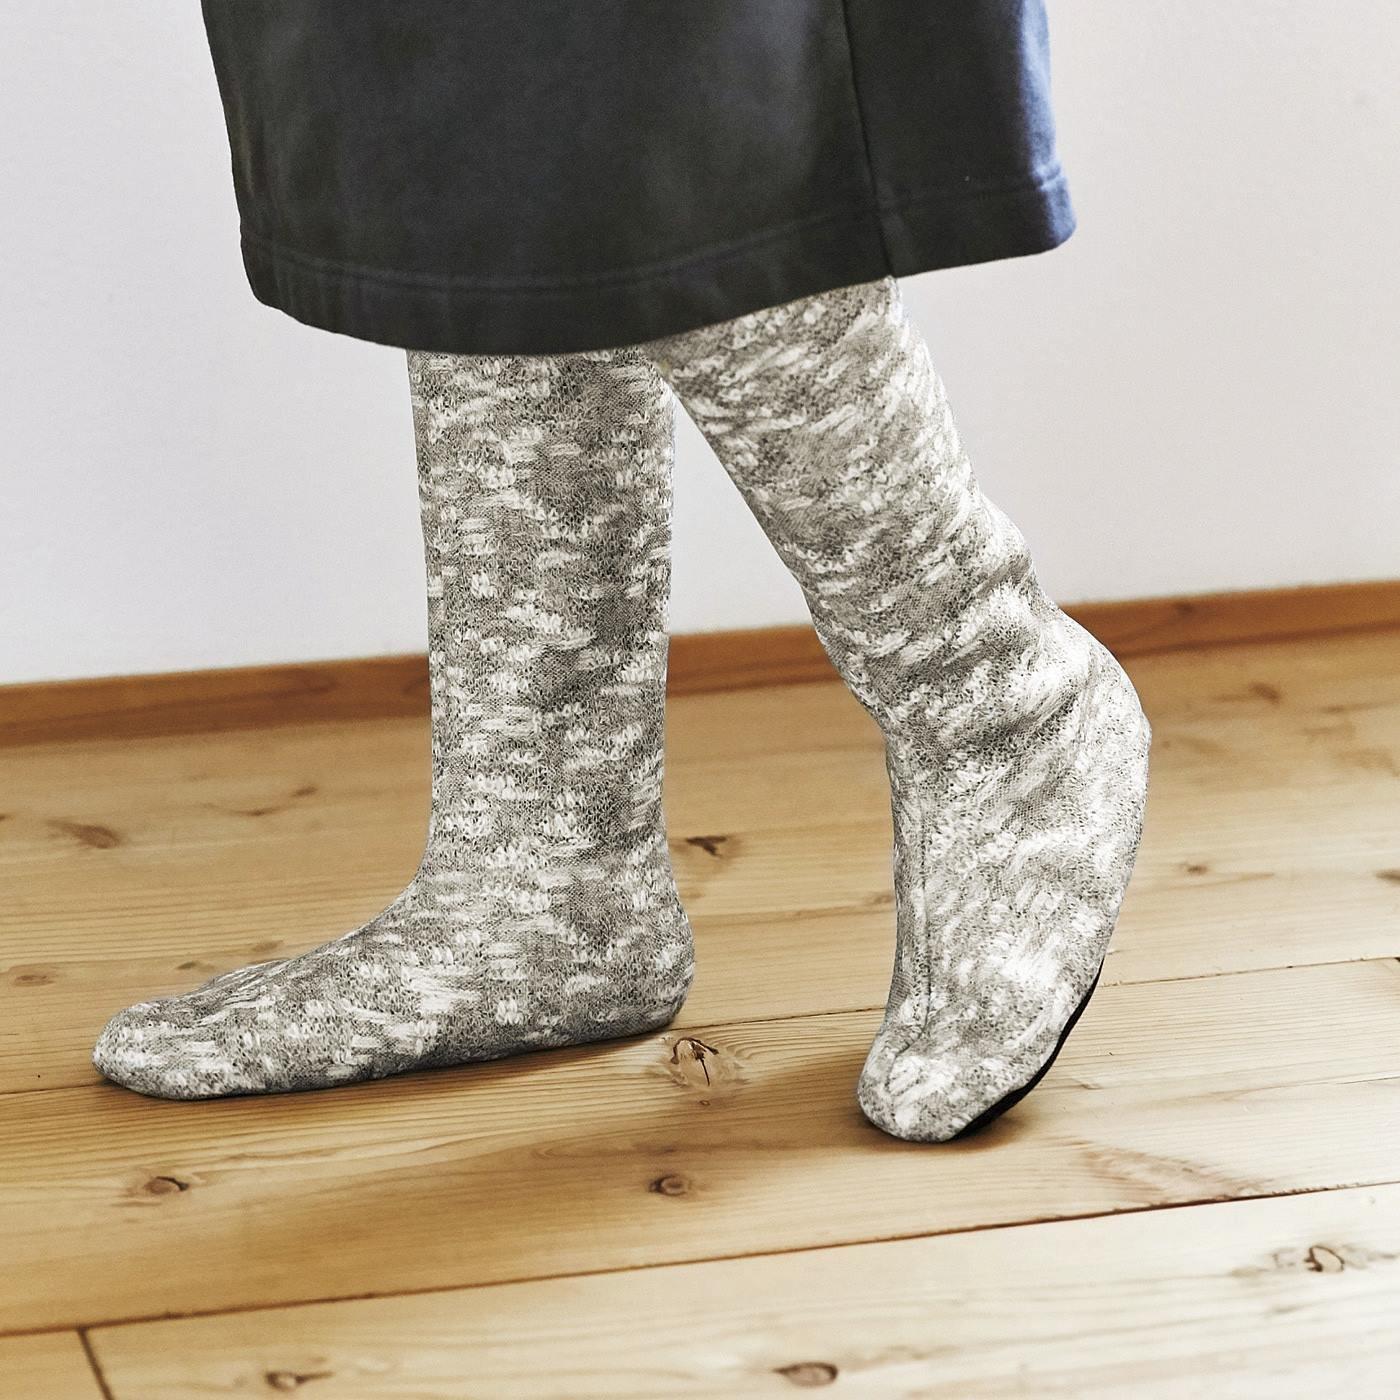 冷え足をのびのびボアで包み込む 靴下みたいなあったかルームブーツの会